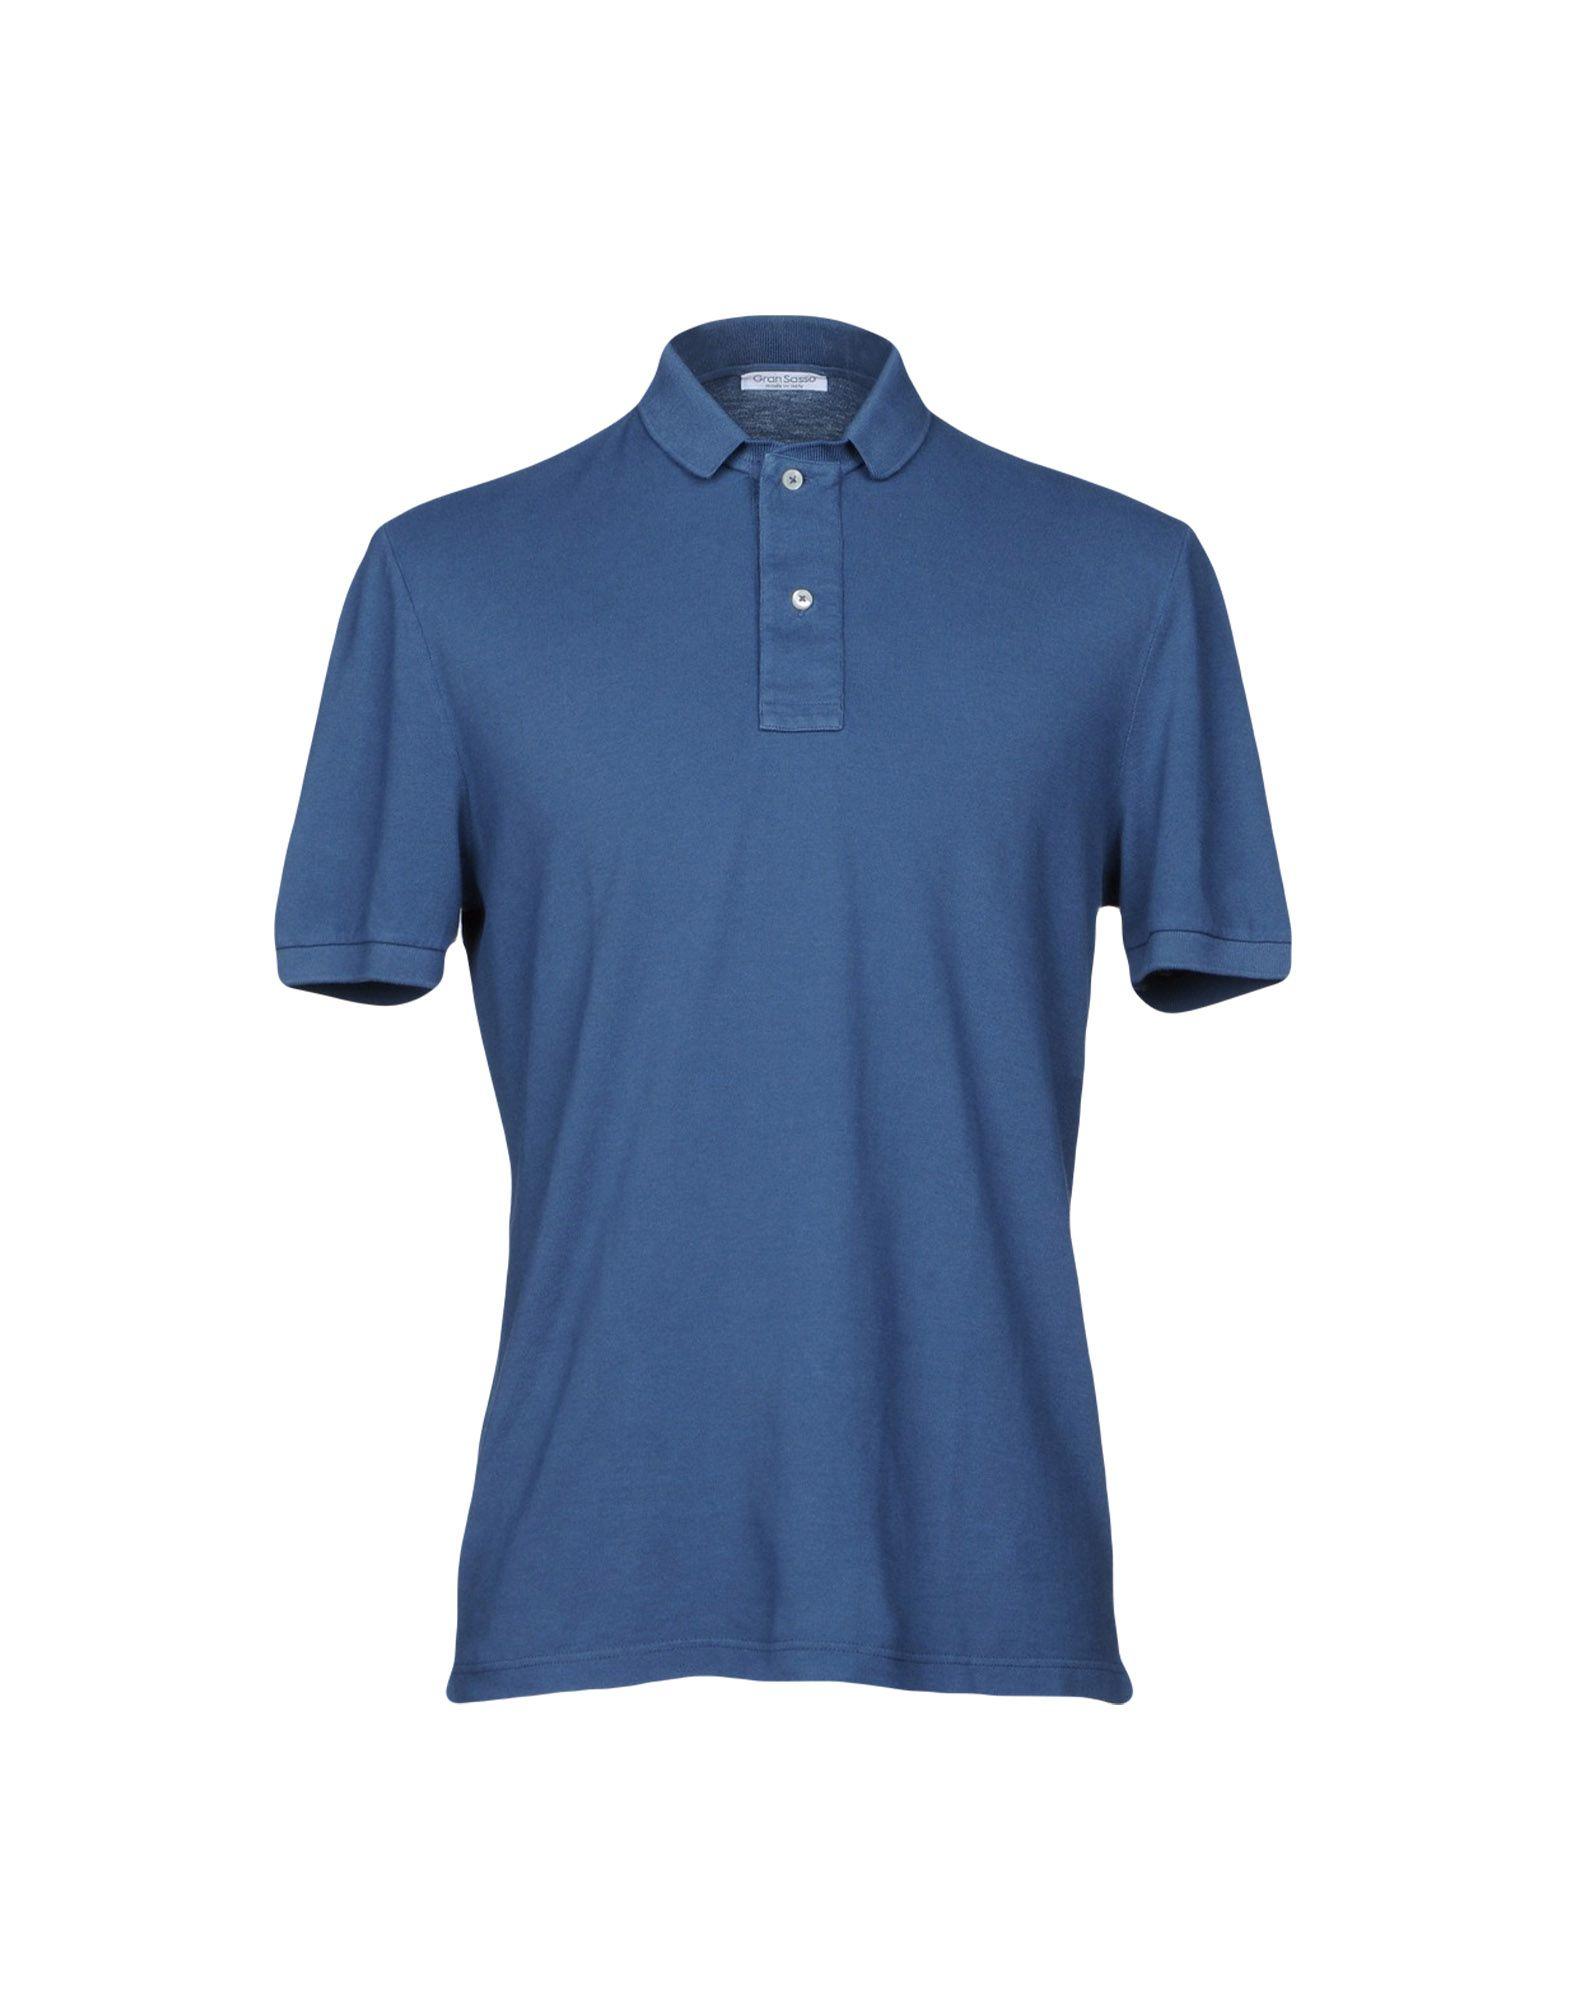 GRAN SASSO Herren Poloshirt Farbe Dunkelblau Größe 4 jetztbilligerkaufen